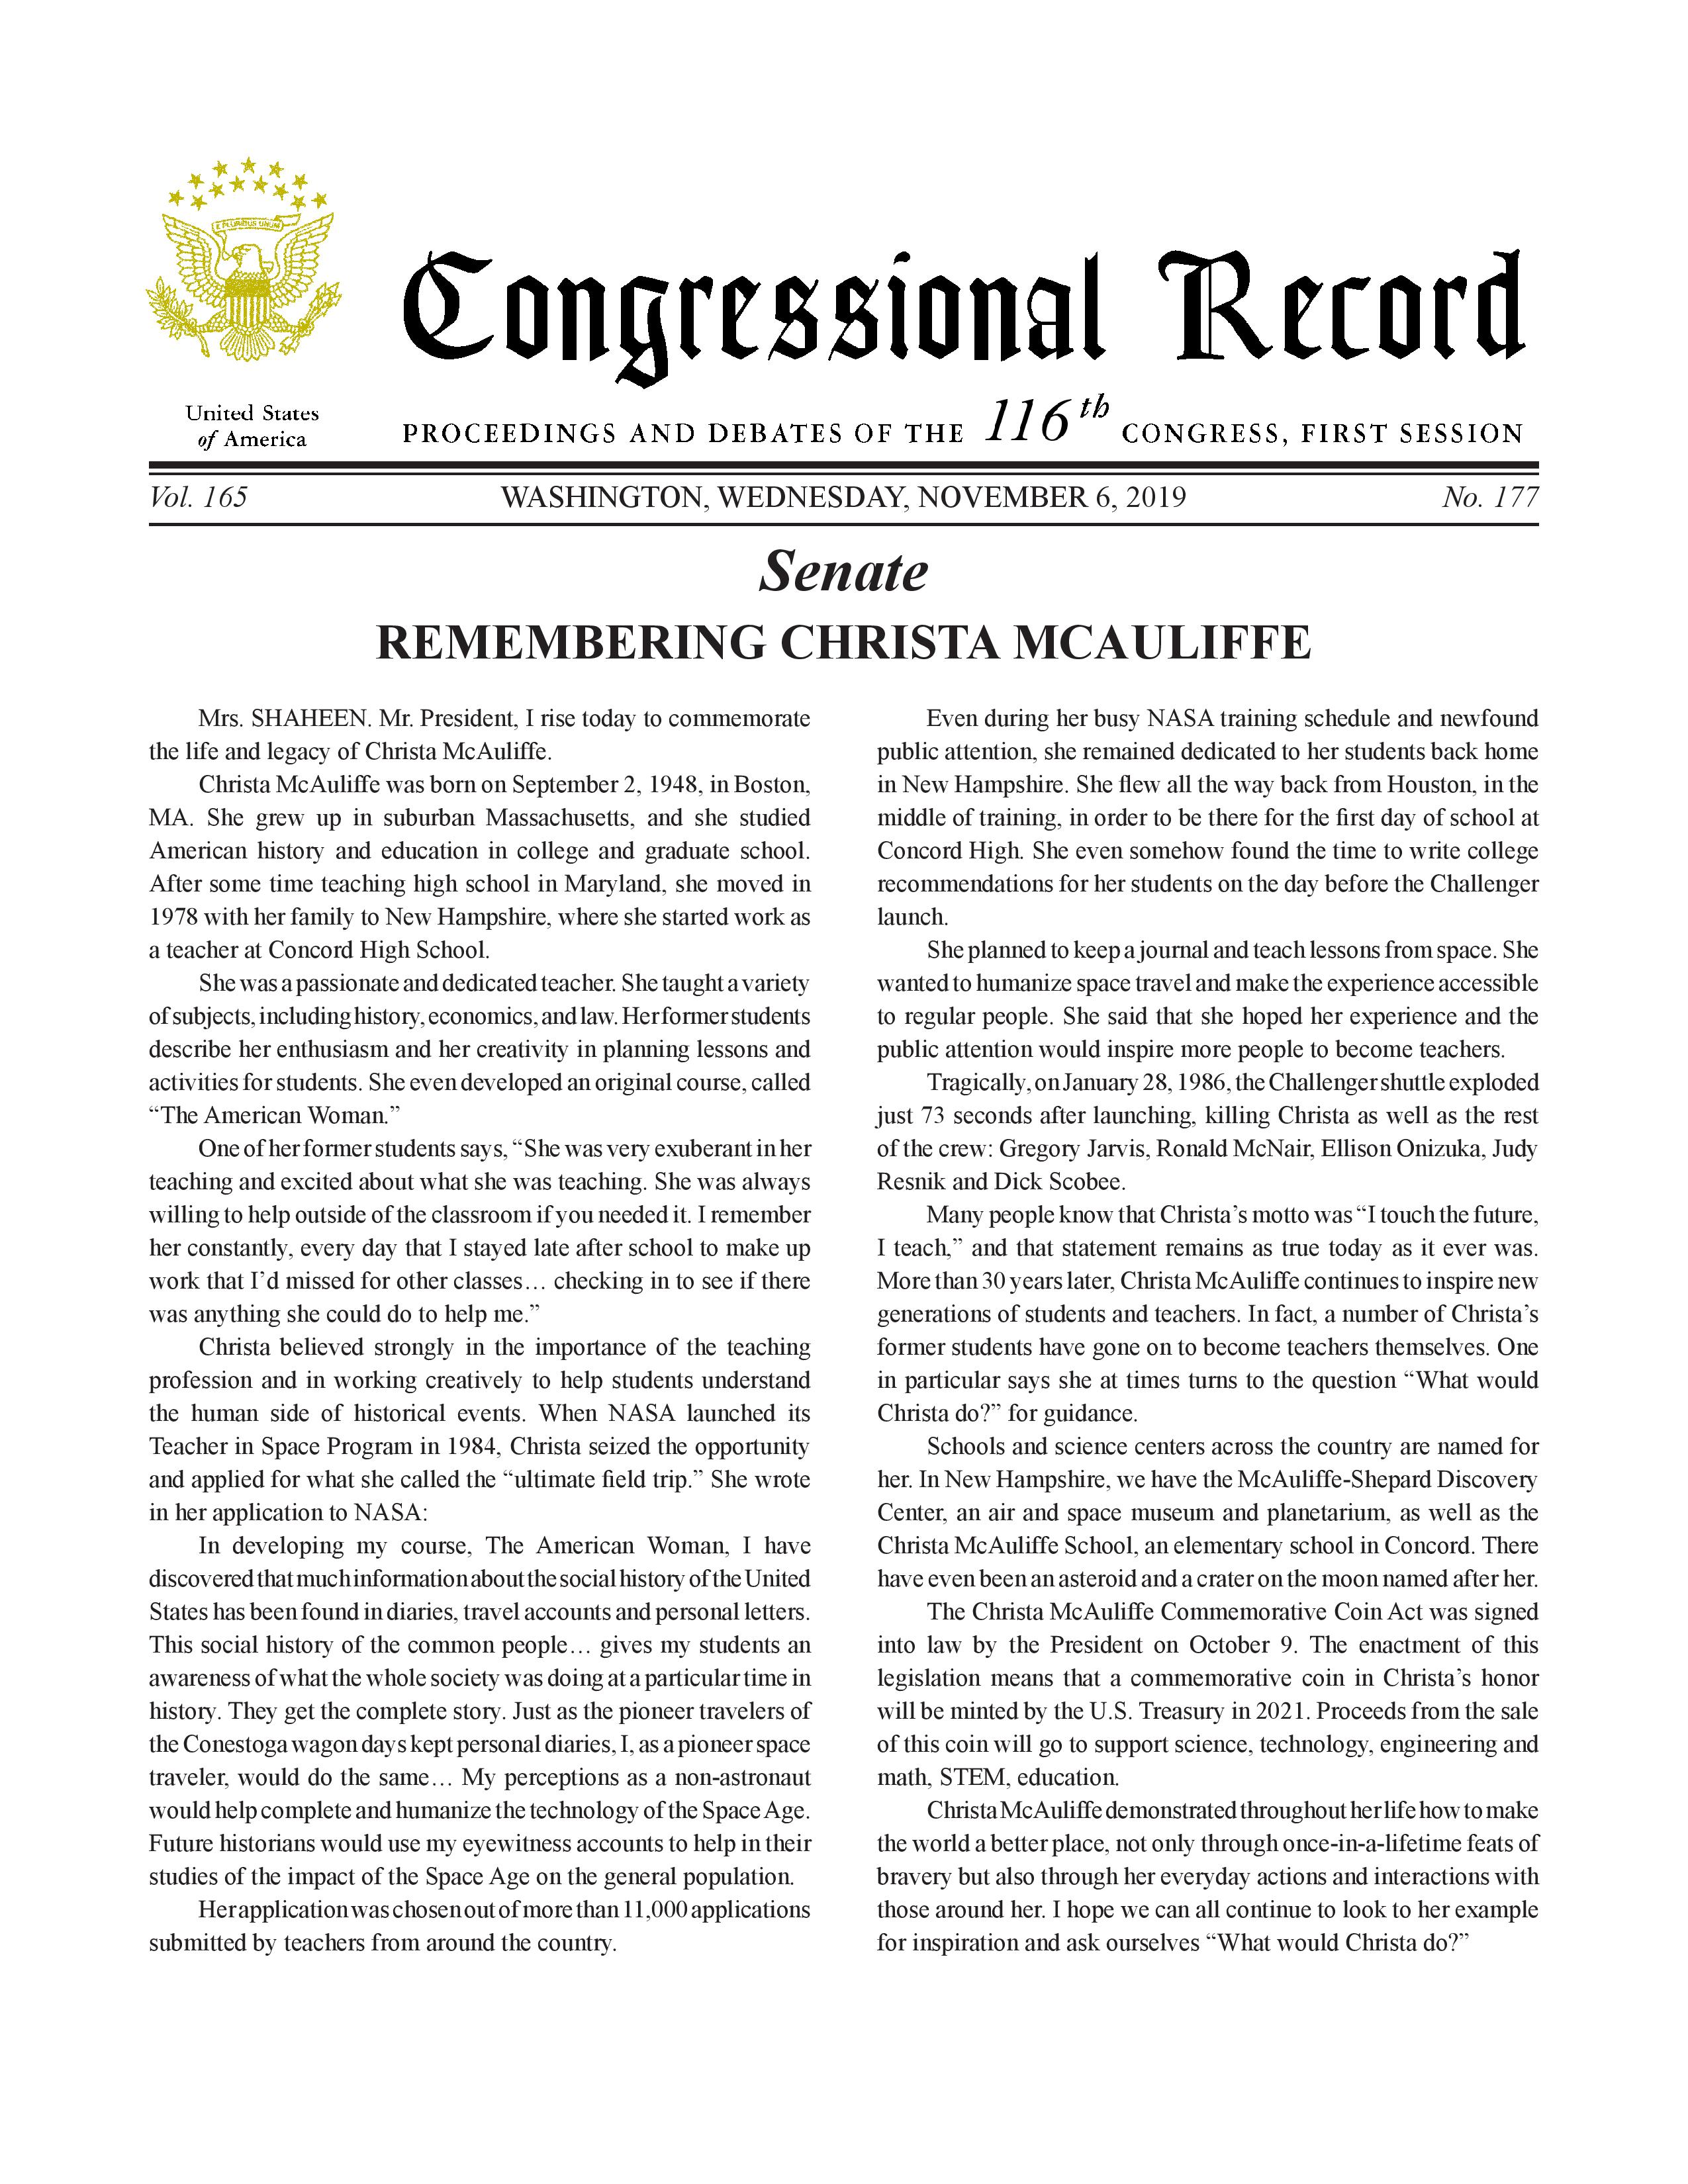 Christa McAuliffe CR statement